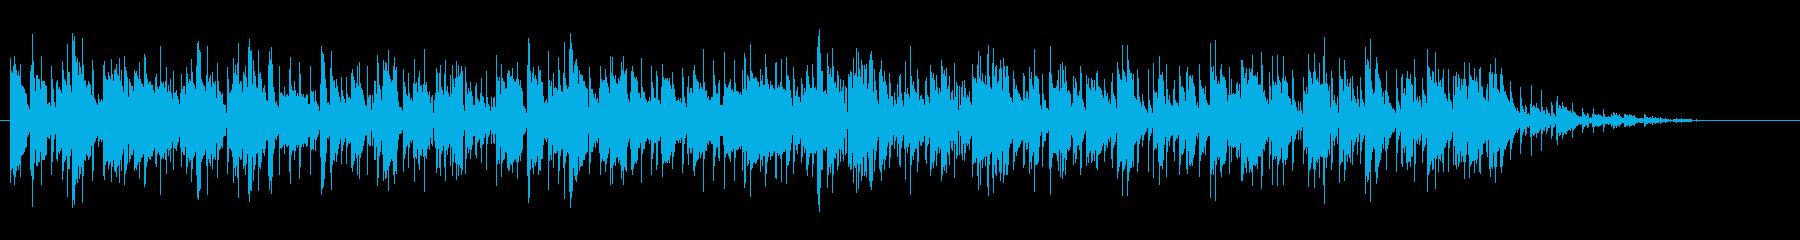 へんてこなワルツの再生済みの波形